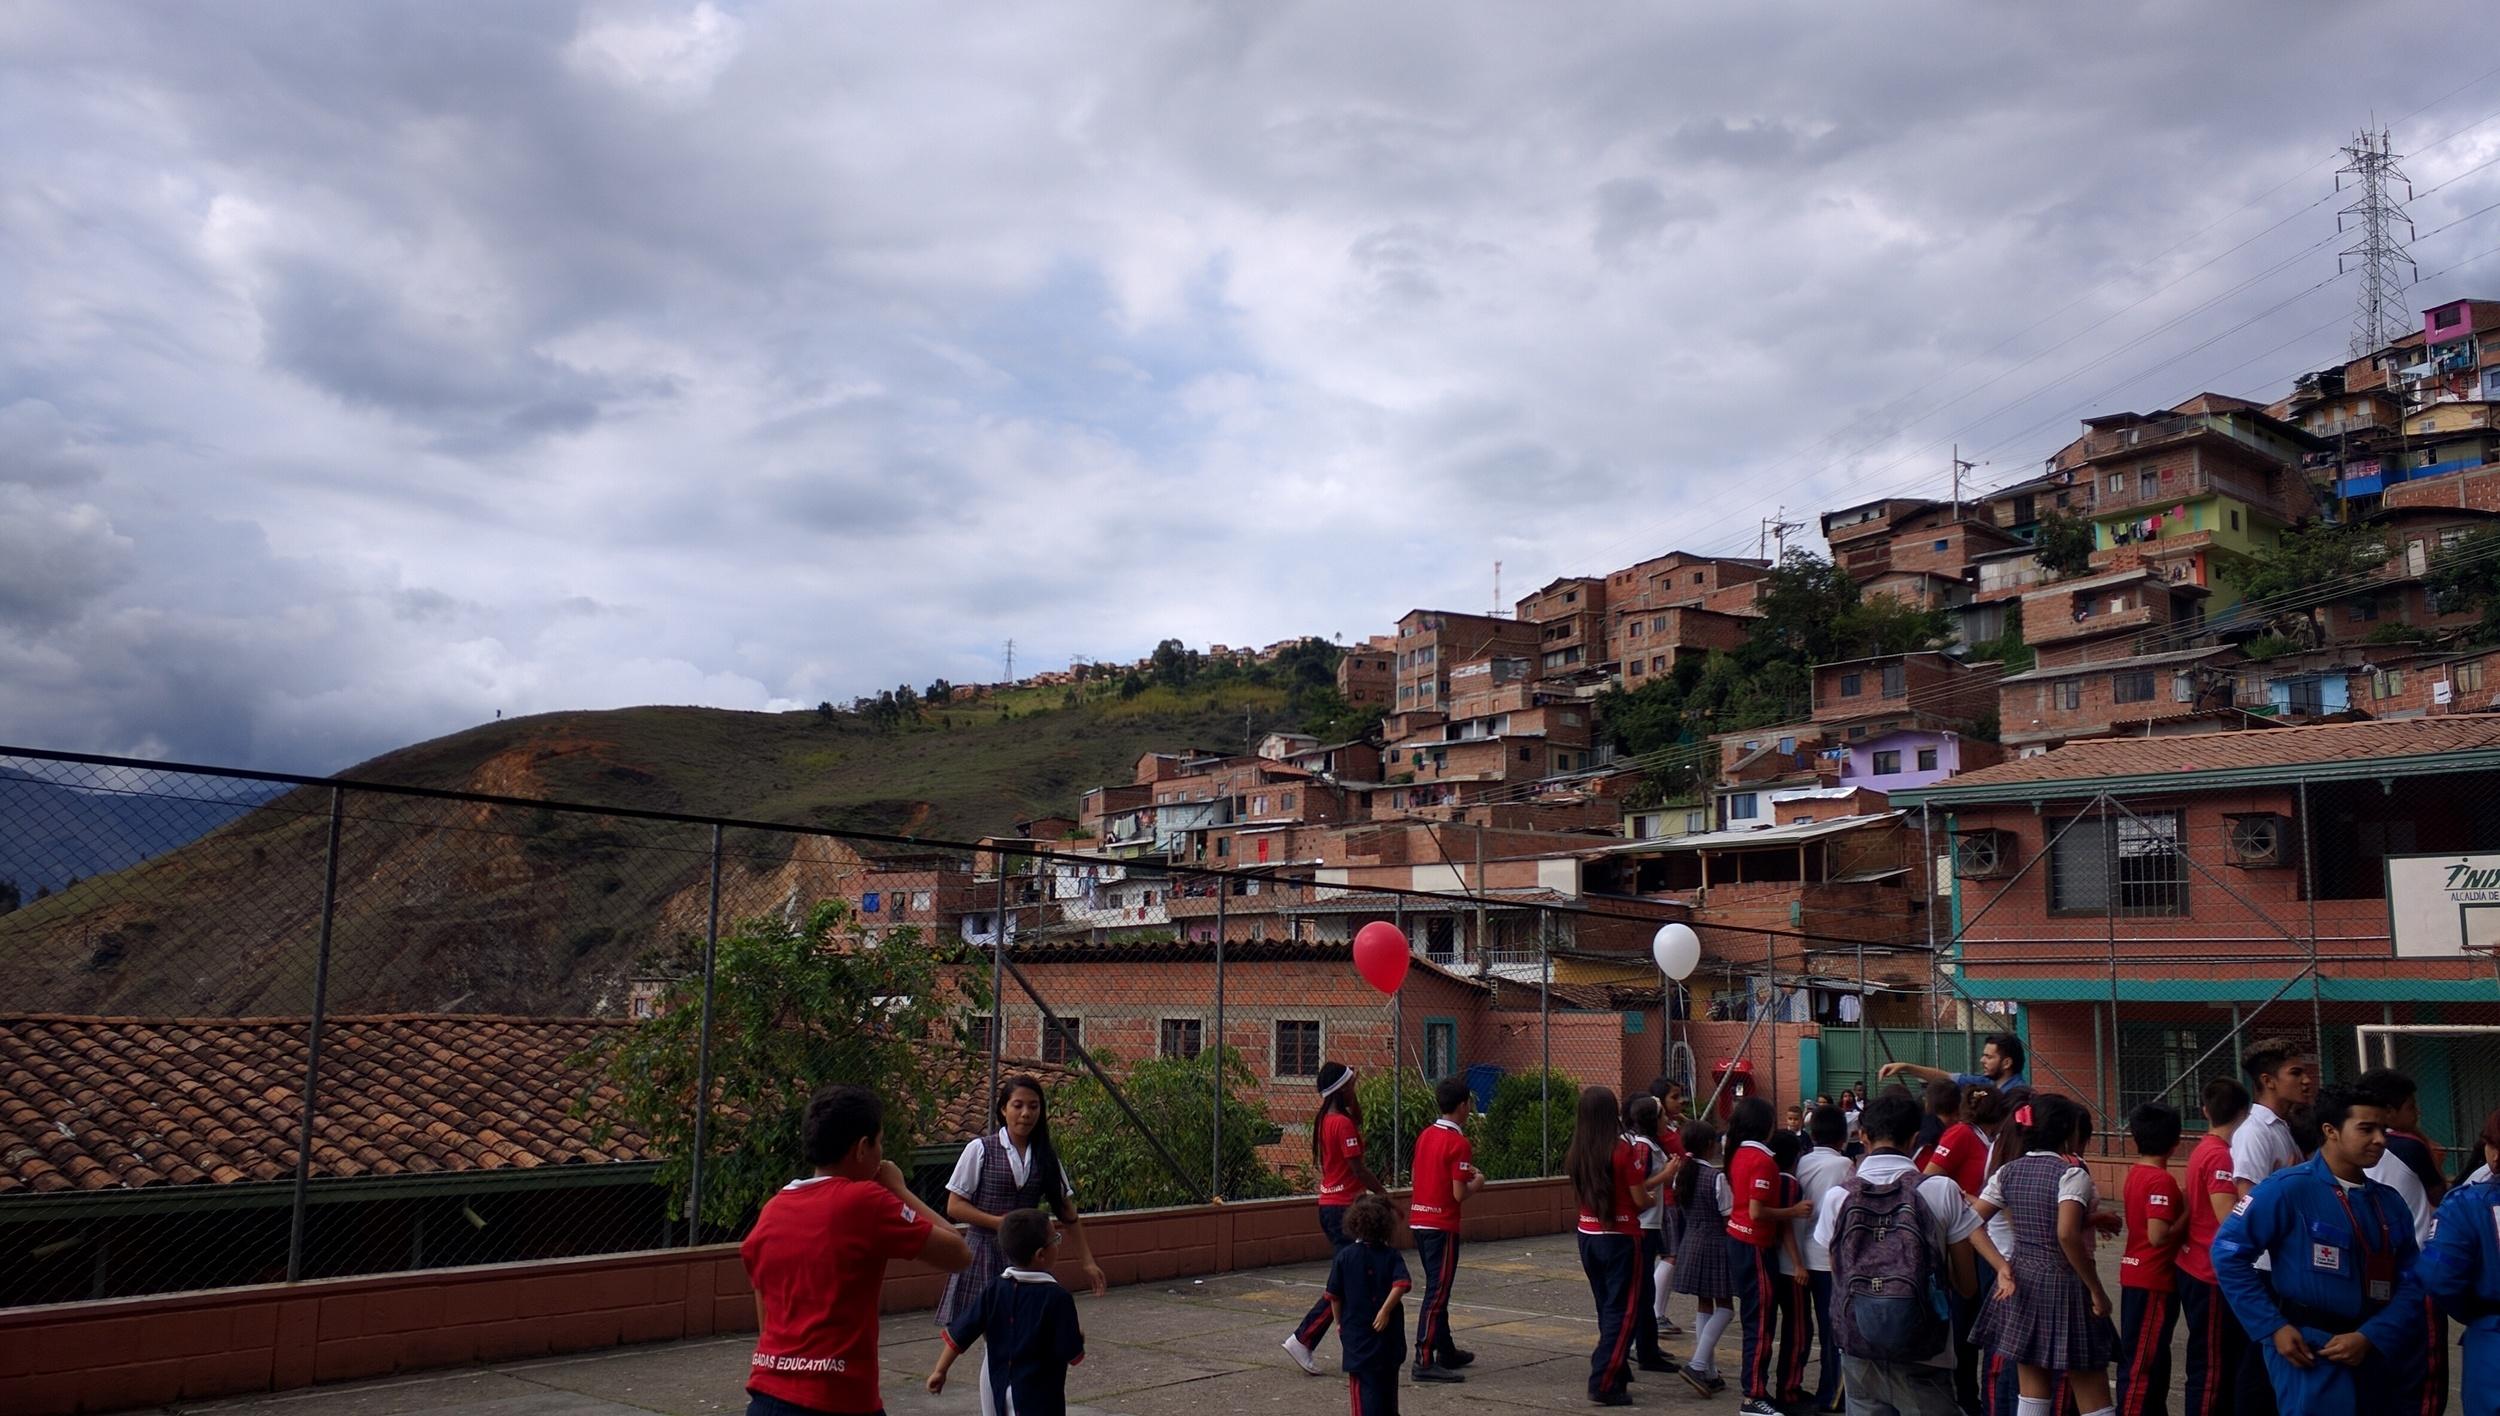 Realizando actividades con una Brigada Educativa en un colegio de Medellín // Brigadas Educativas in a school in Medellín